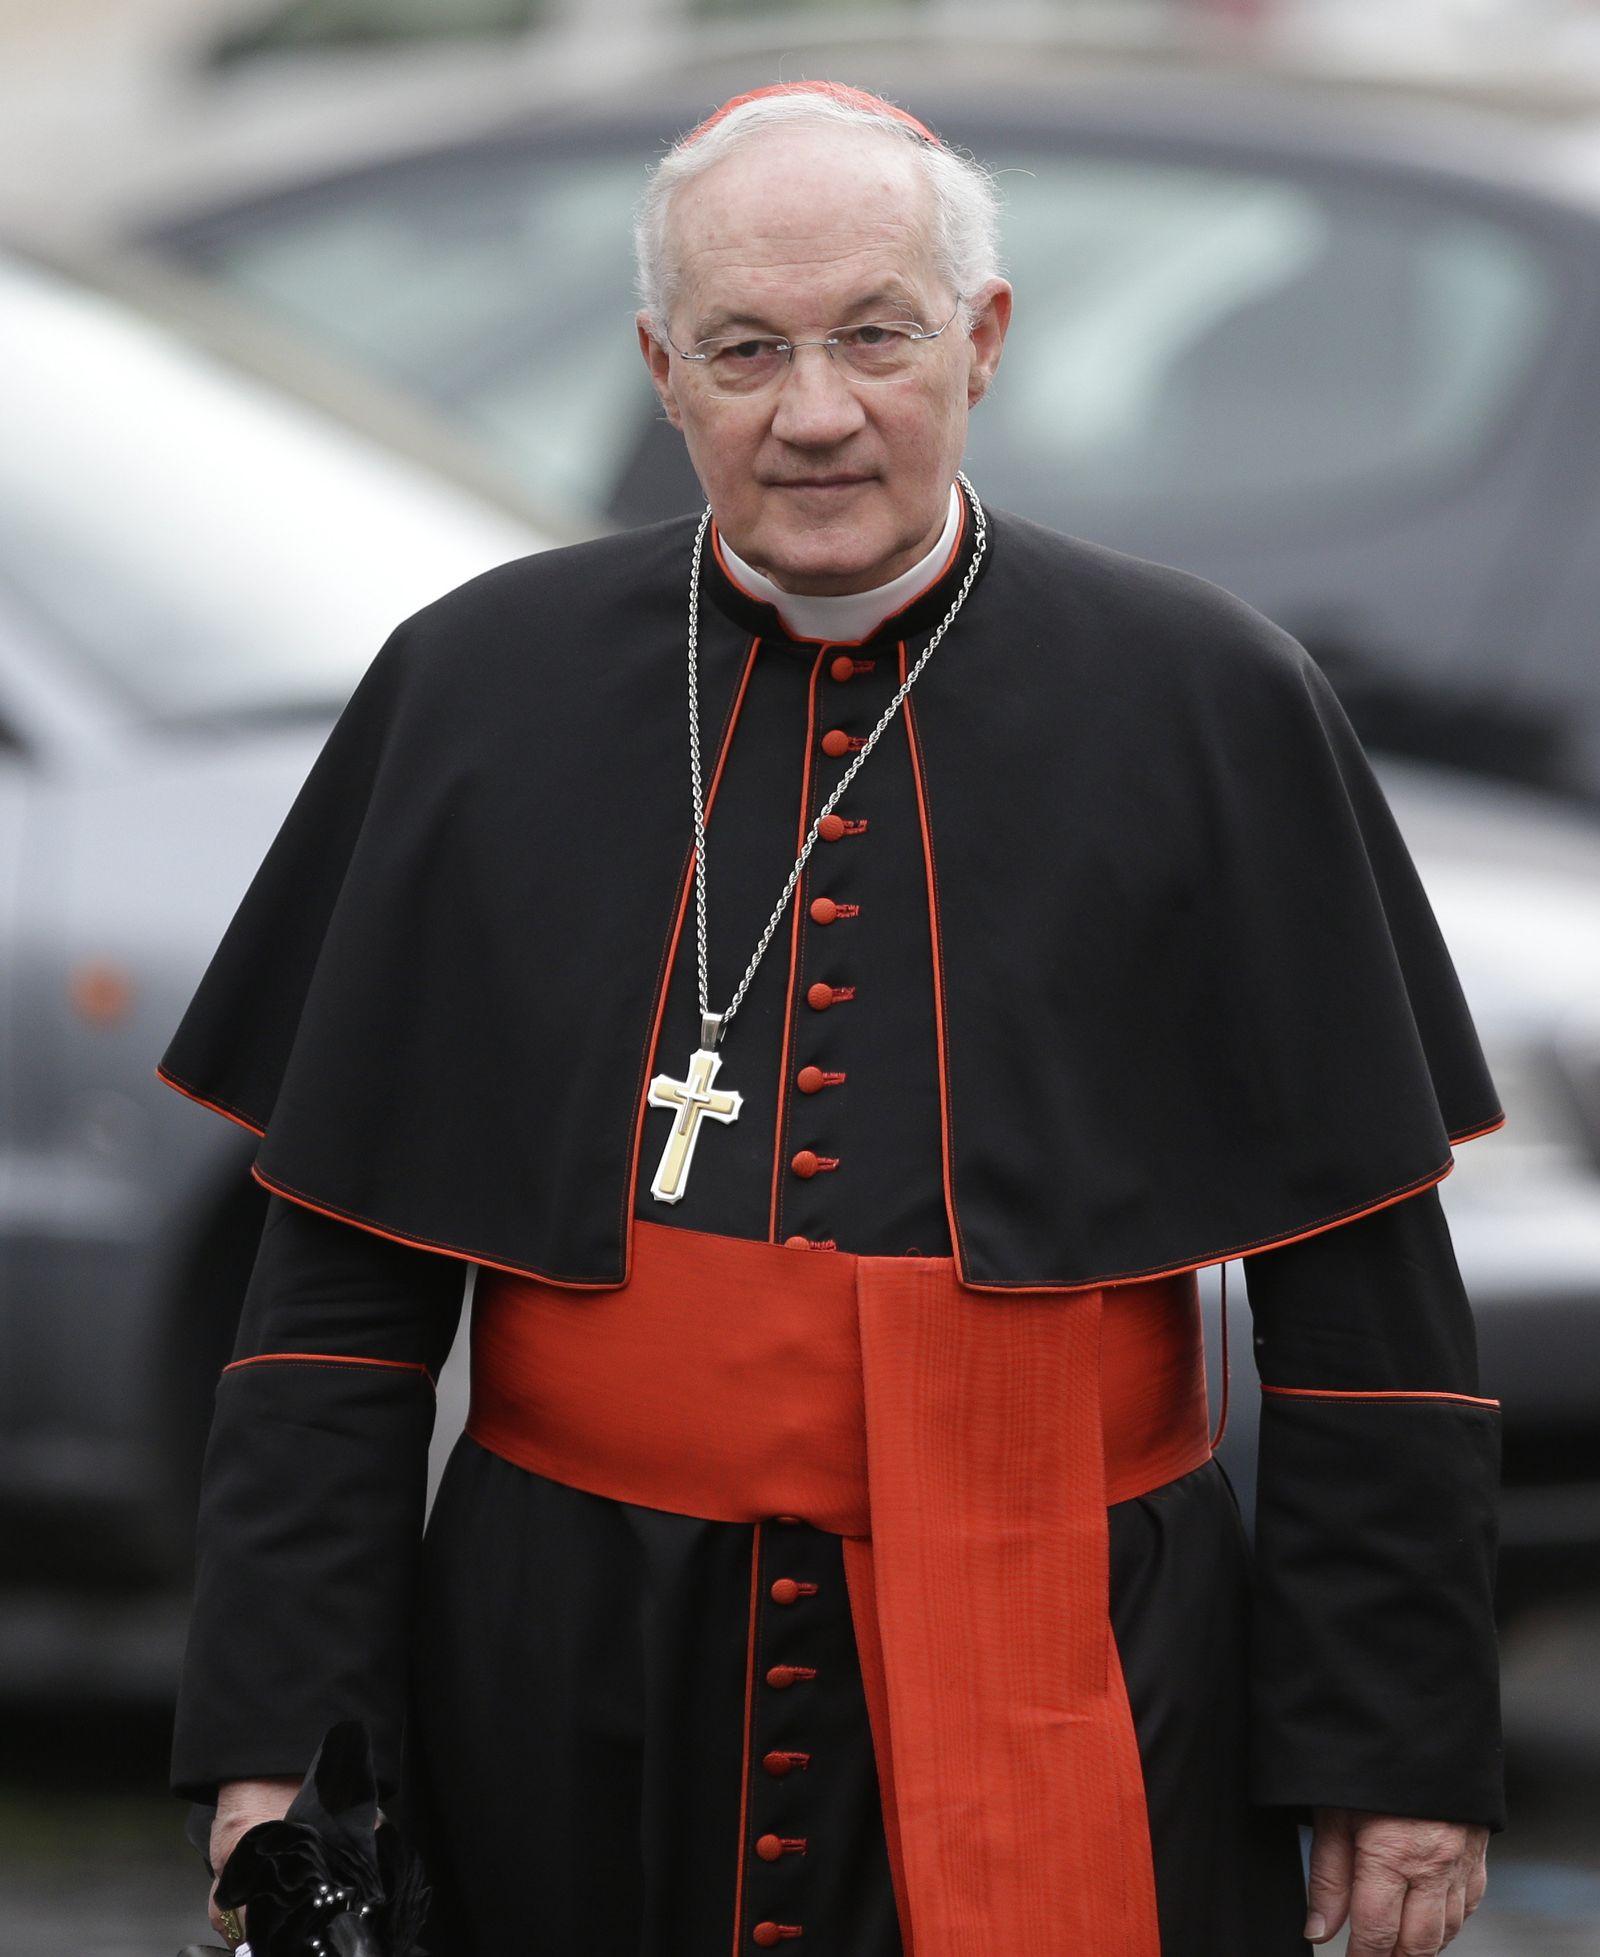 Kardinäle / Missbrauch / Marc Ouellet